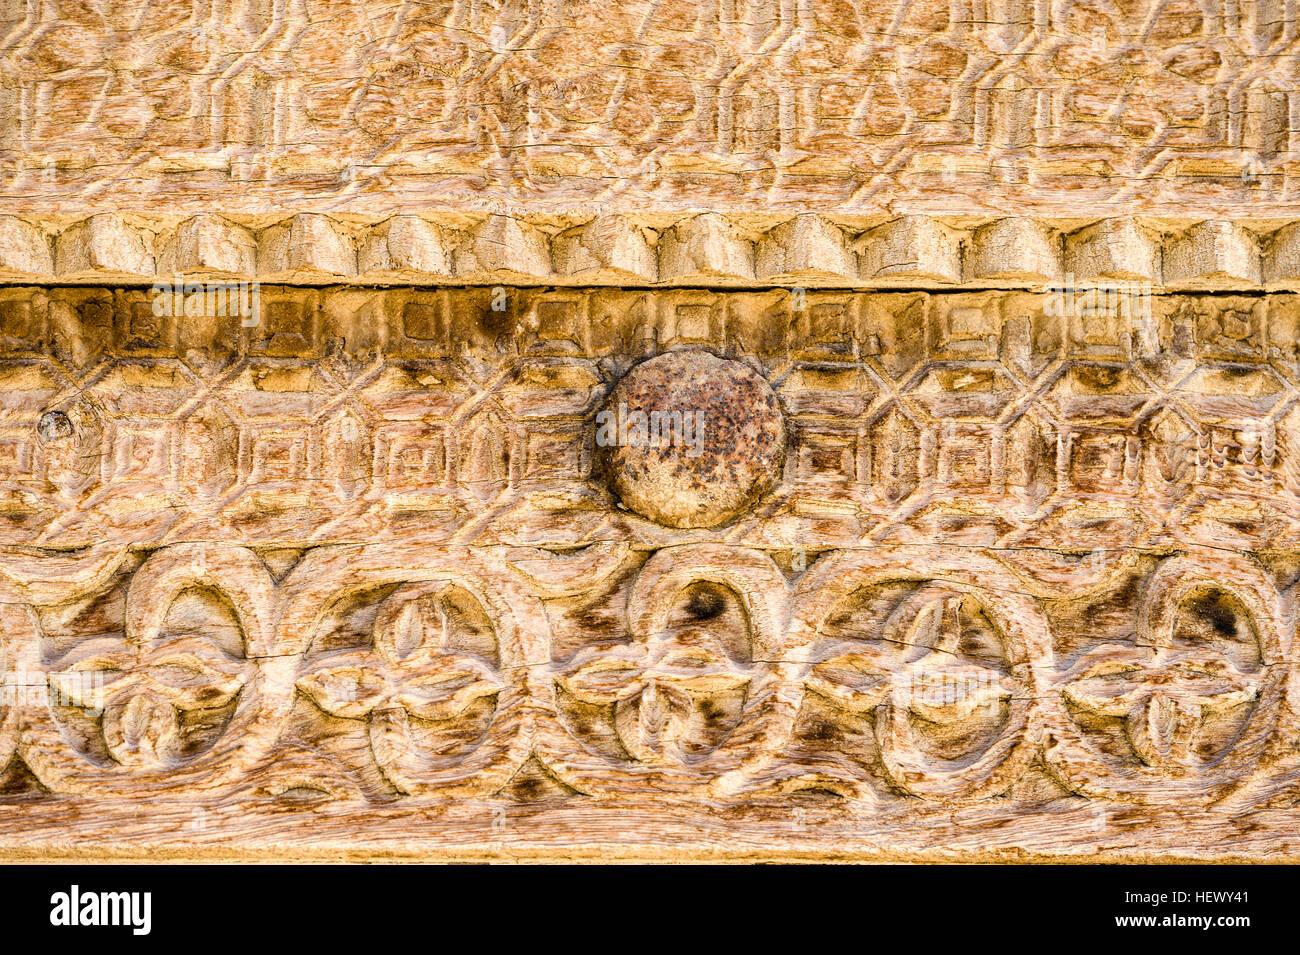 Kunstvolle Schnitzereien in Holz-Türrahmen eines Hauses in einem ...